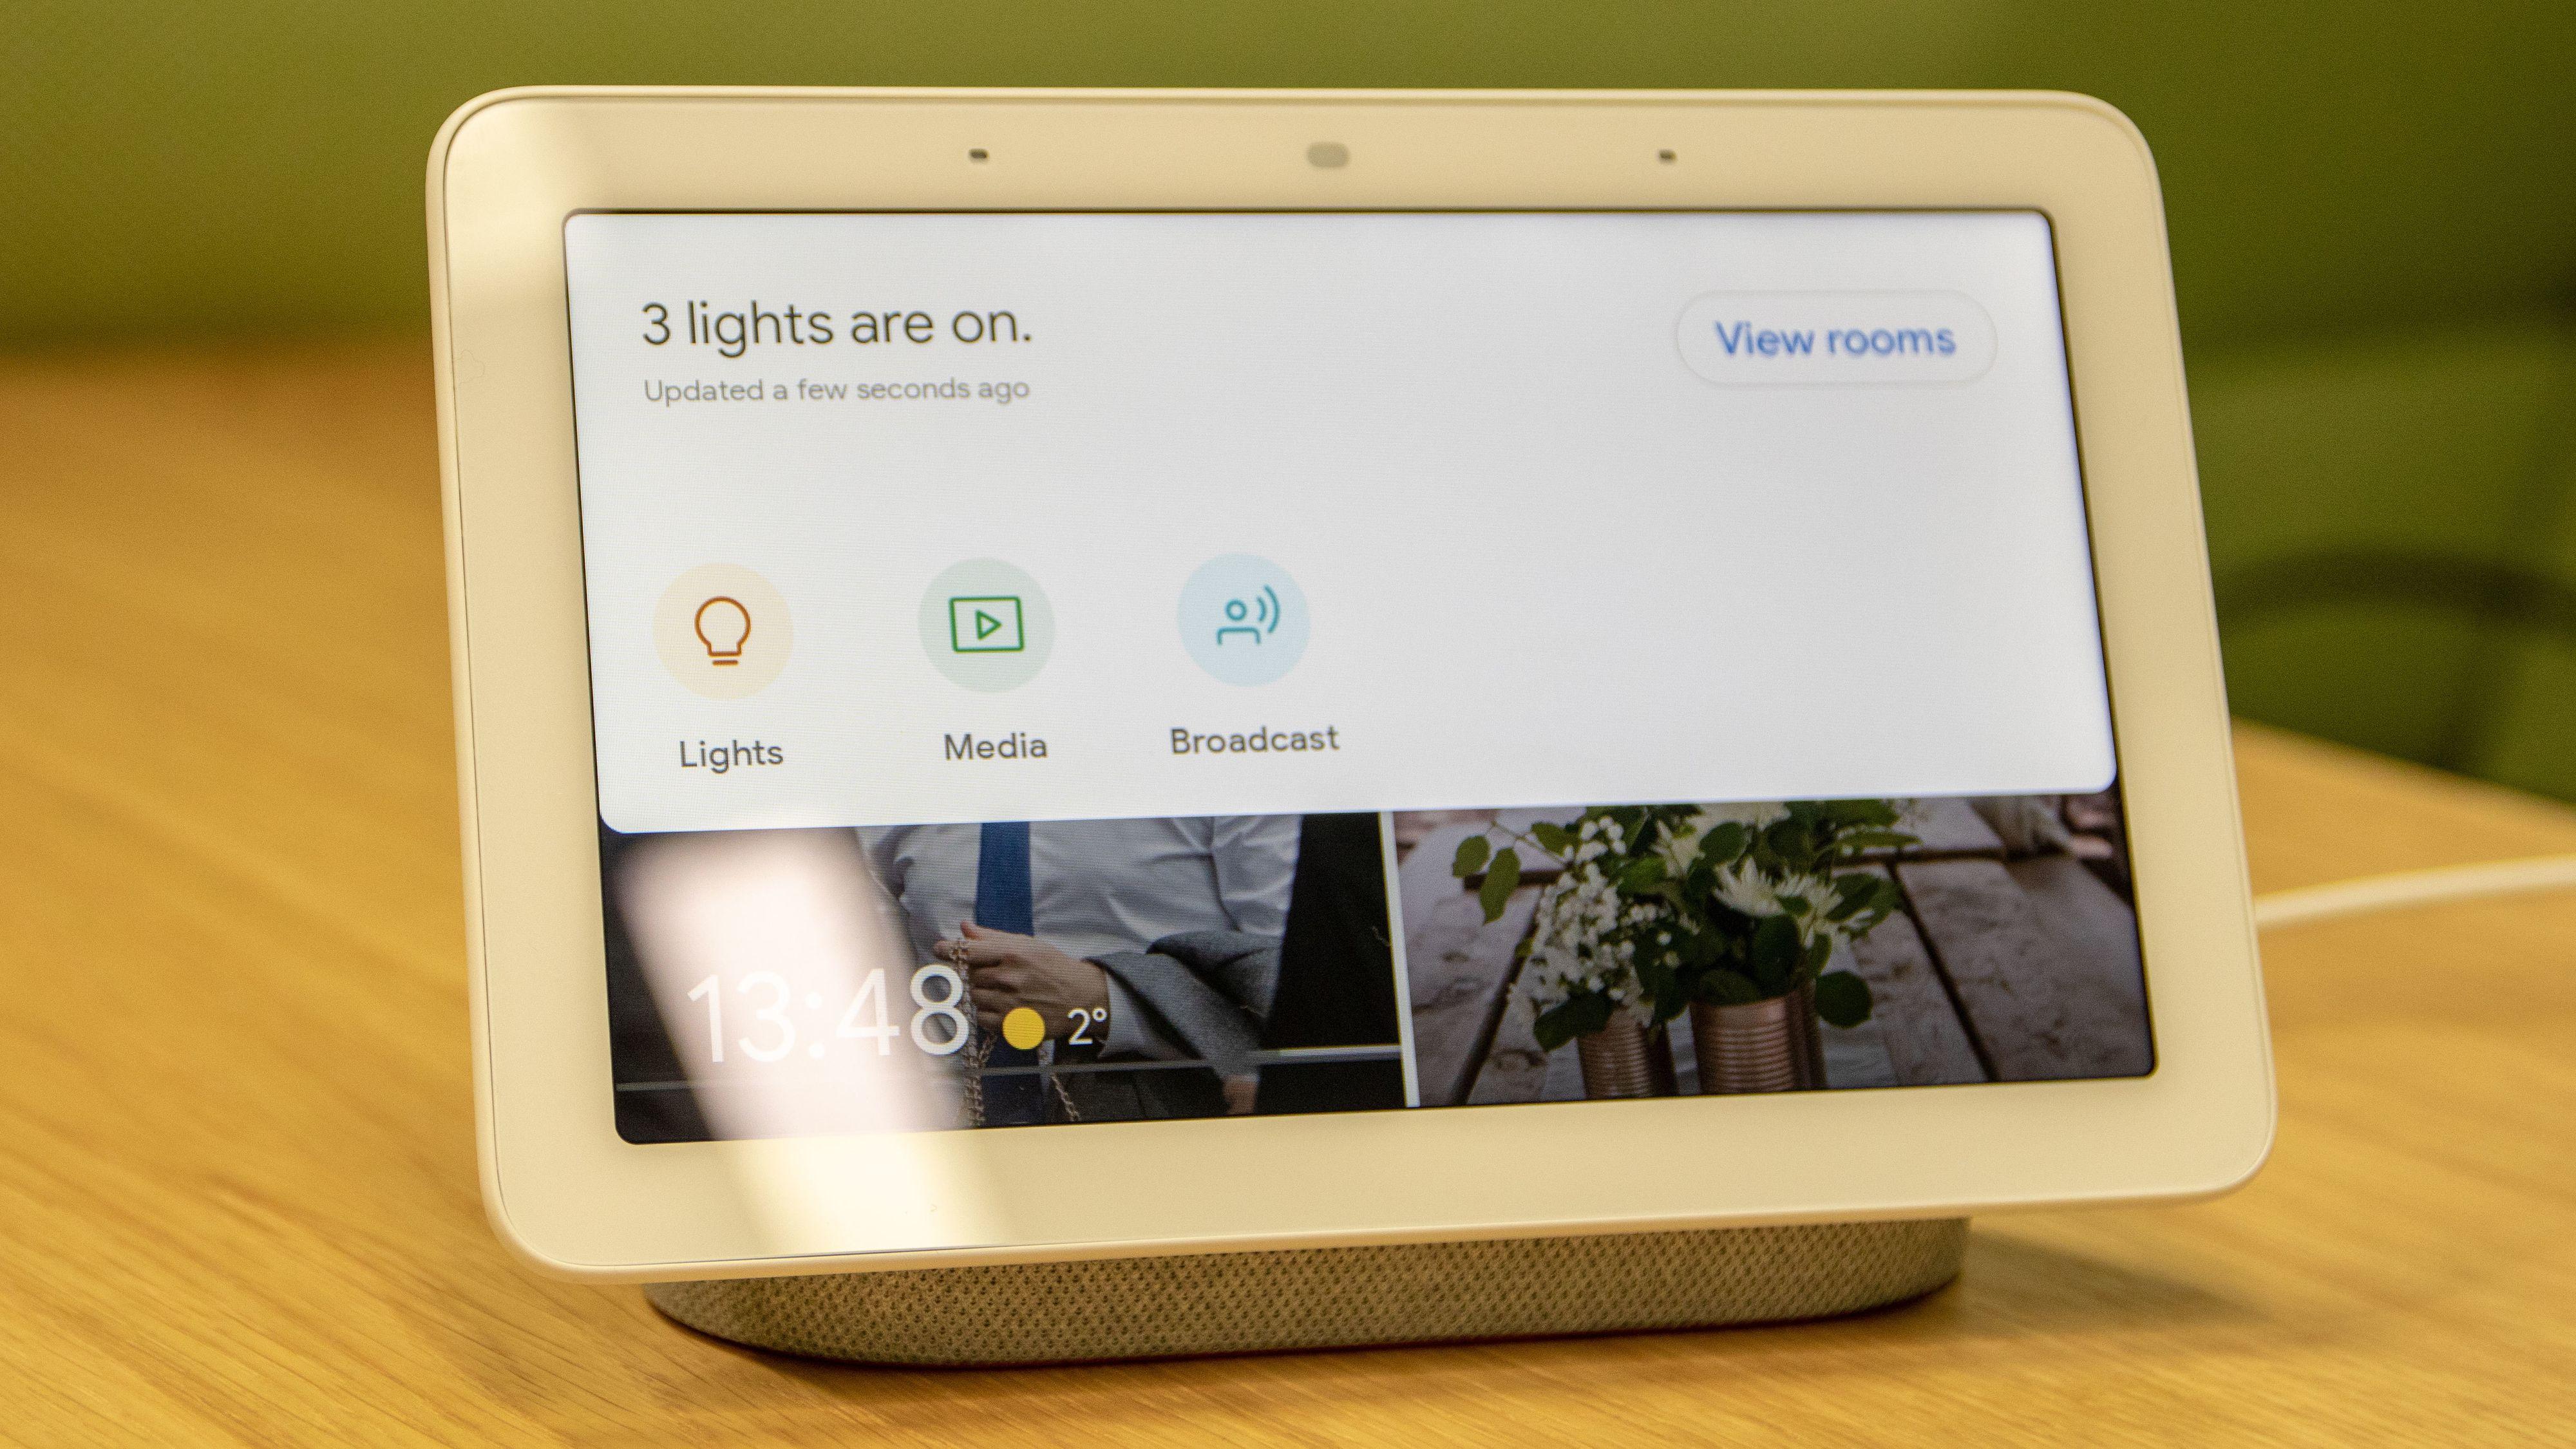 Sveiper du ned fra toppen av skjermen kan du styre resten av smartdingsene i hjemmet ditt.